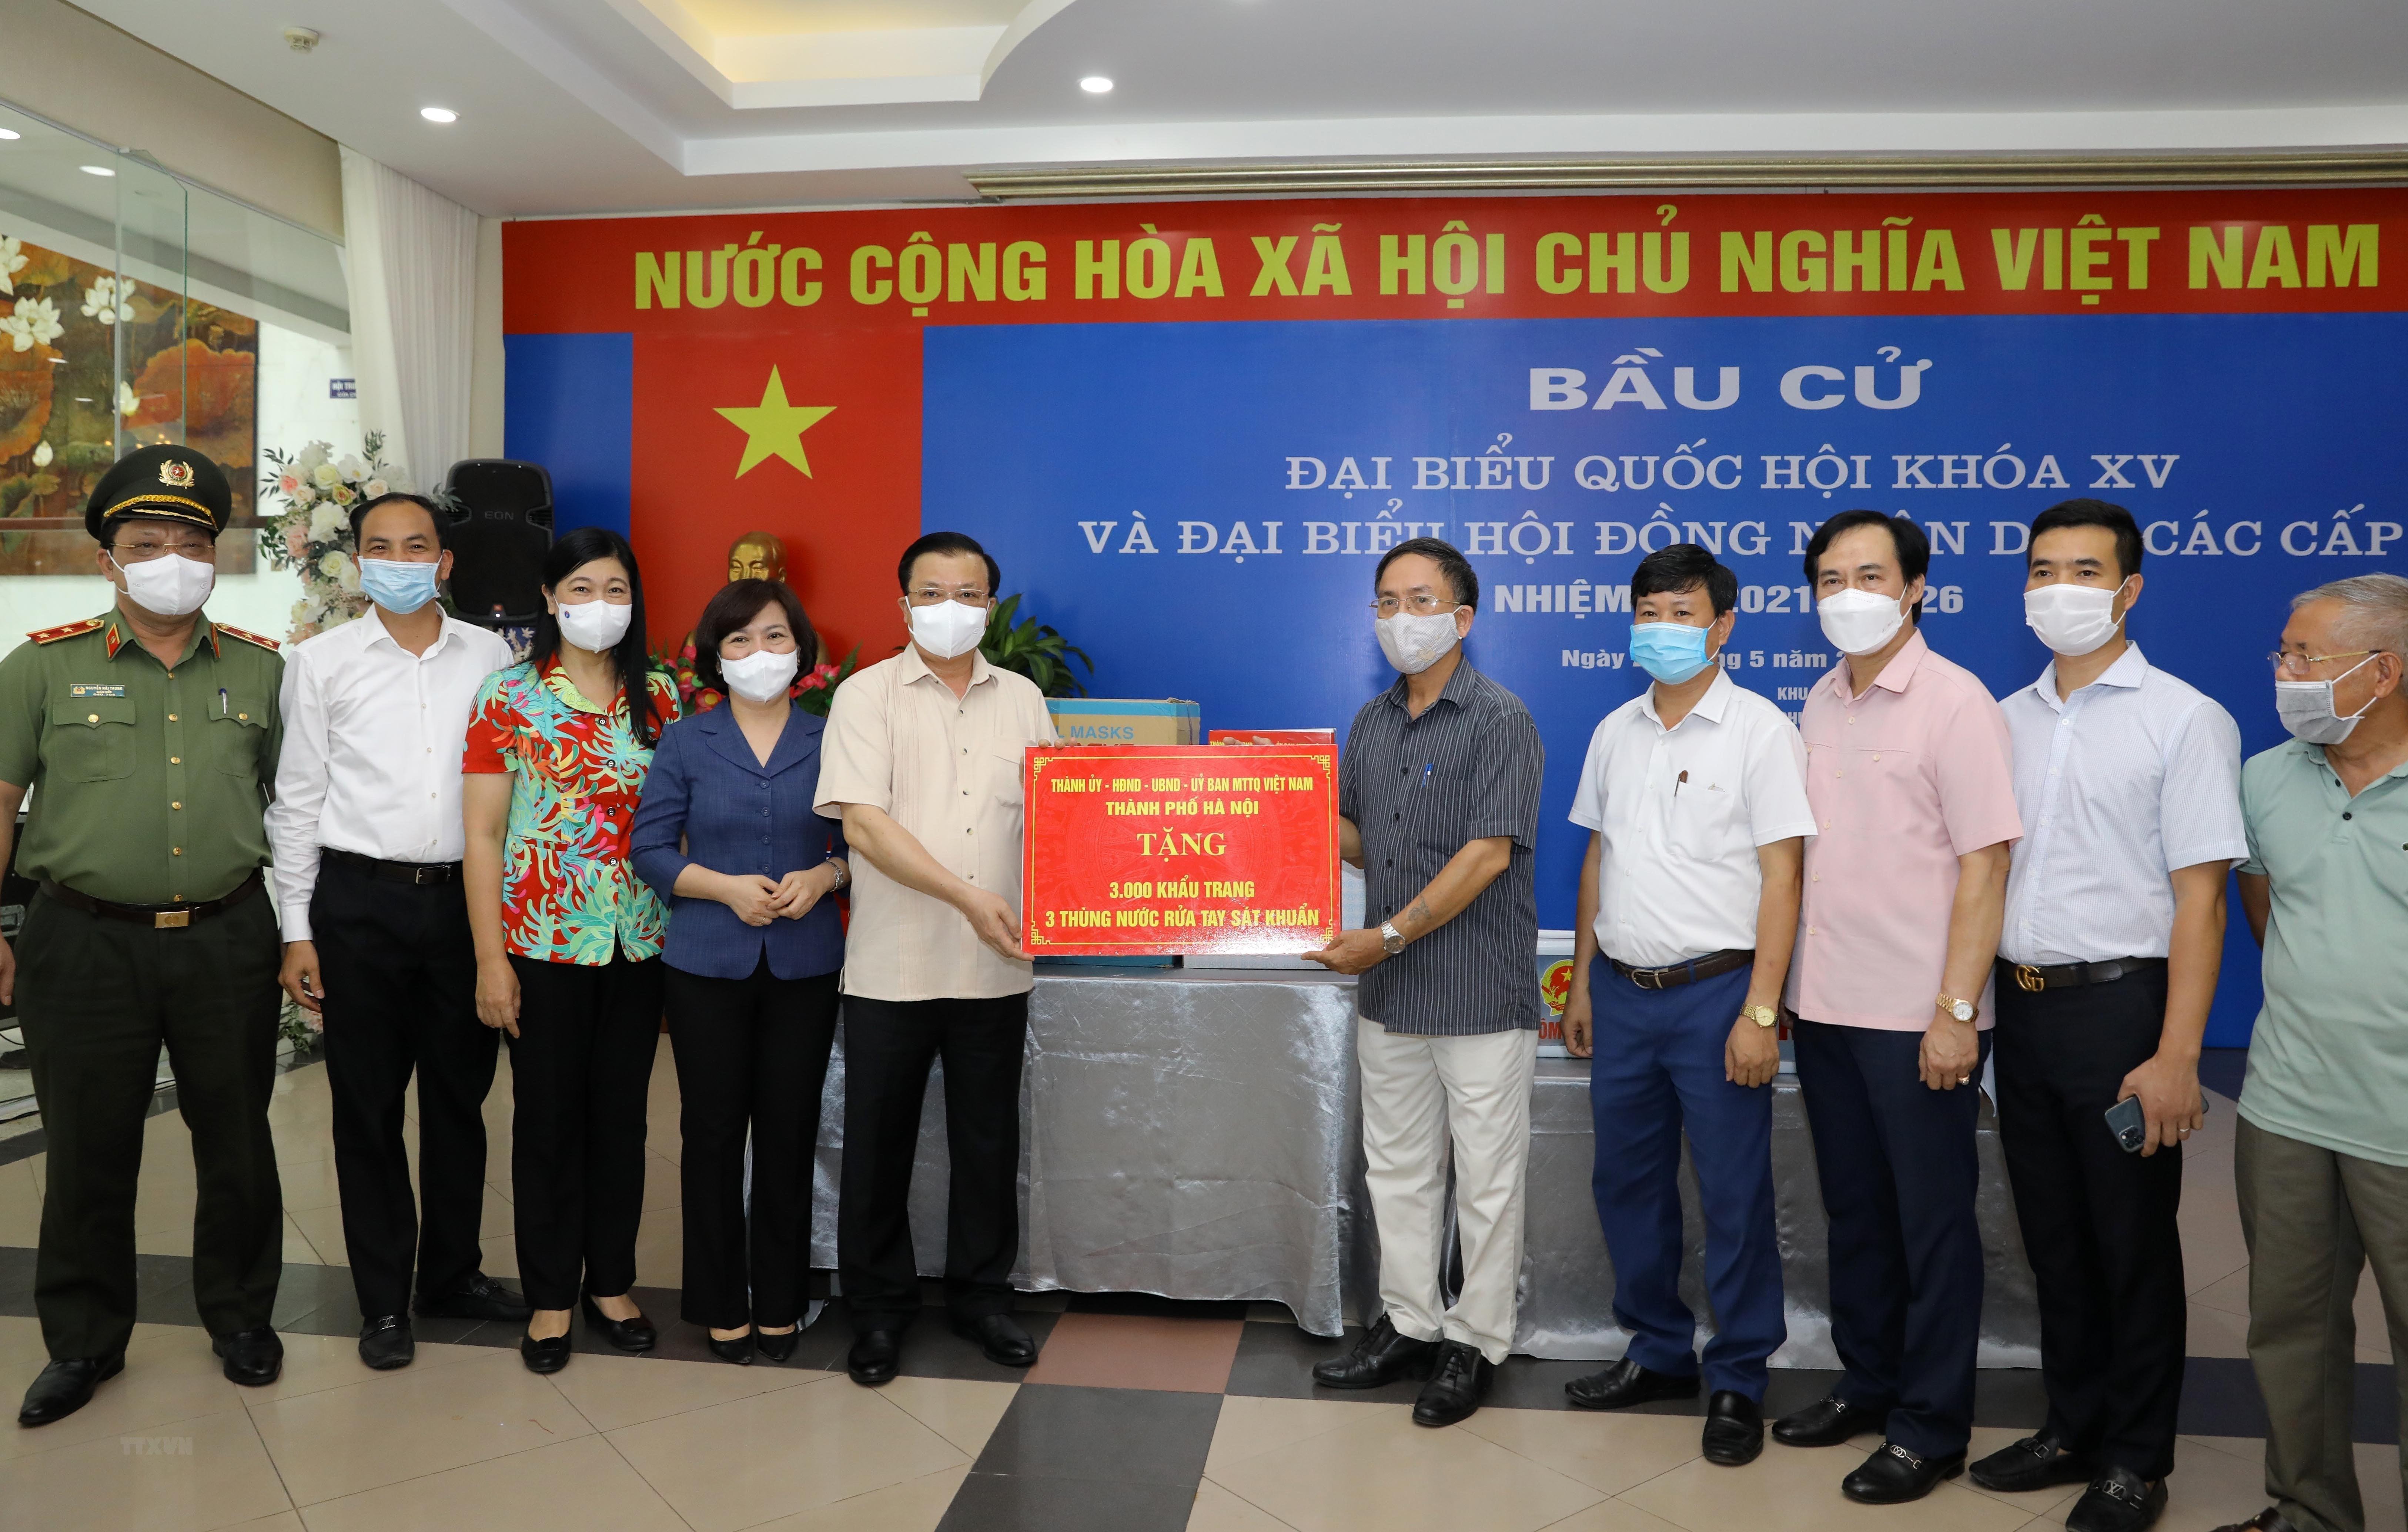 Bi thu Thanh uy Ha Noi kiem tra cong tac chuan bi bau cu va phong dich hinh anh 13